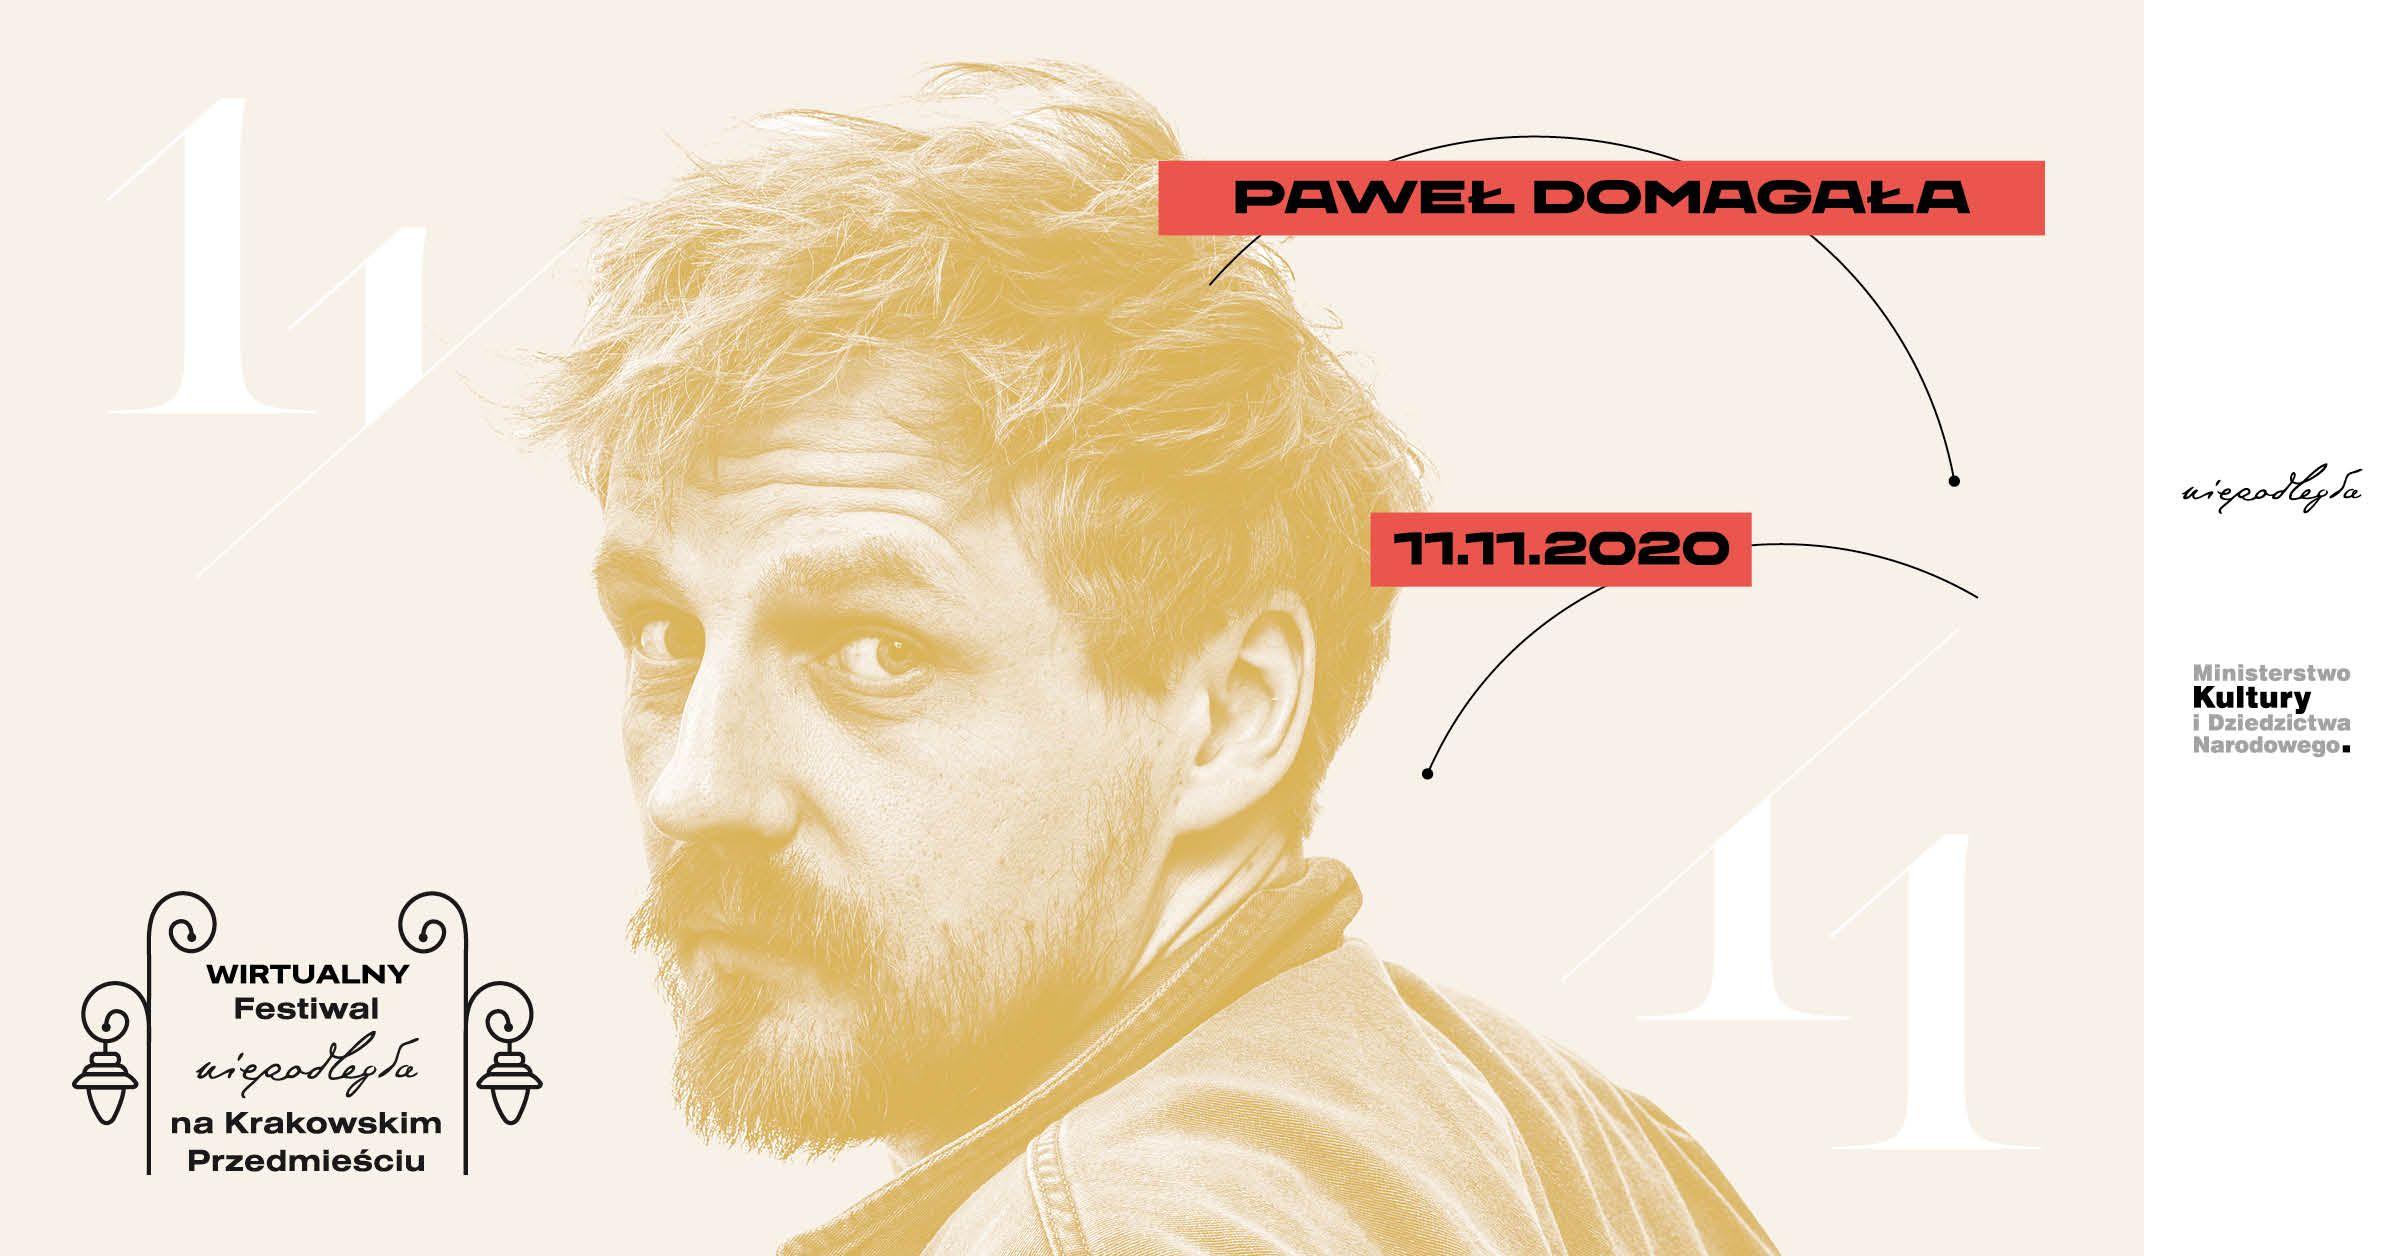 plakat z Pawłem Domagałą